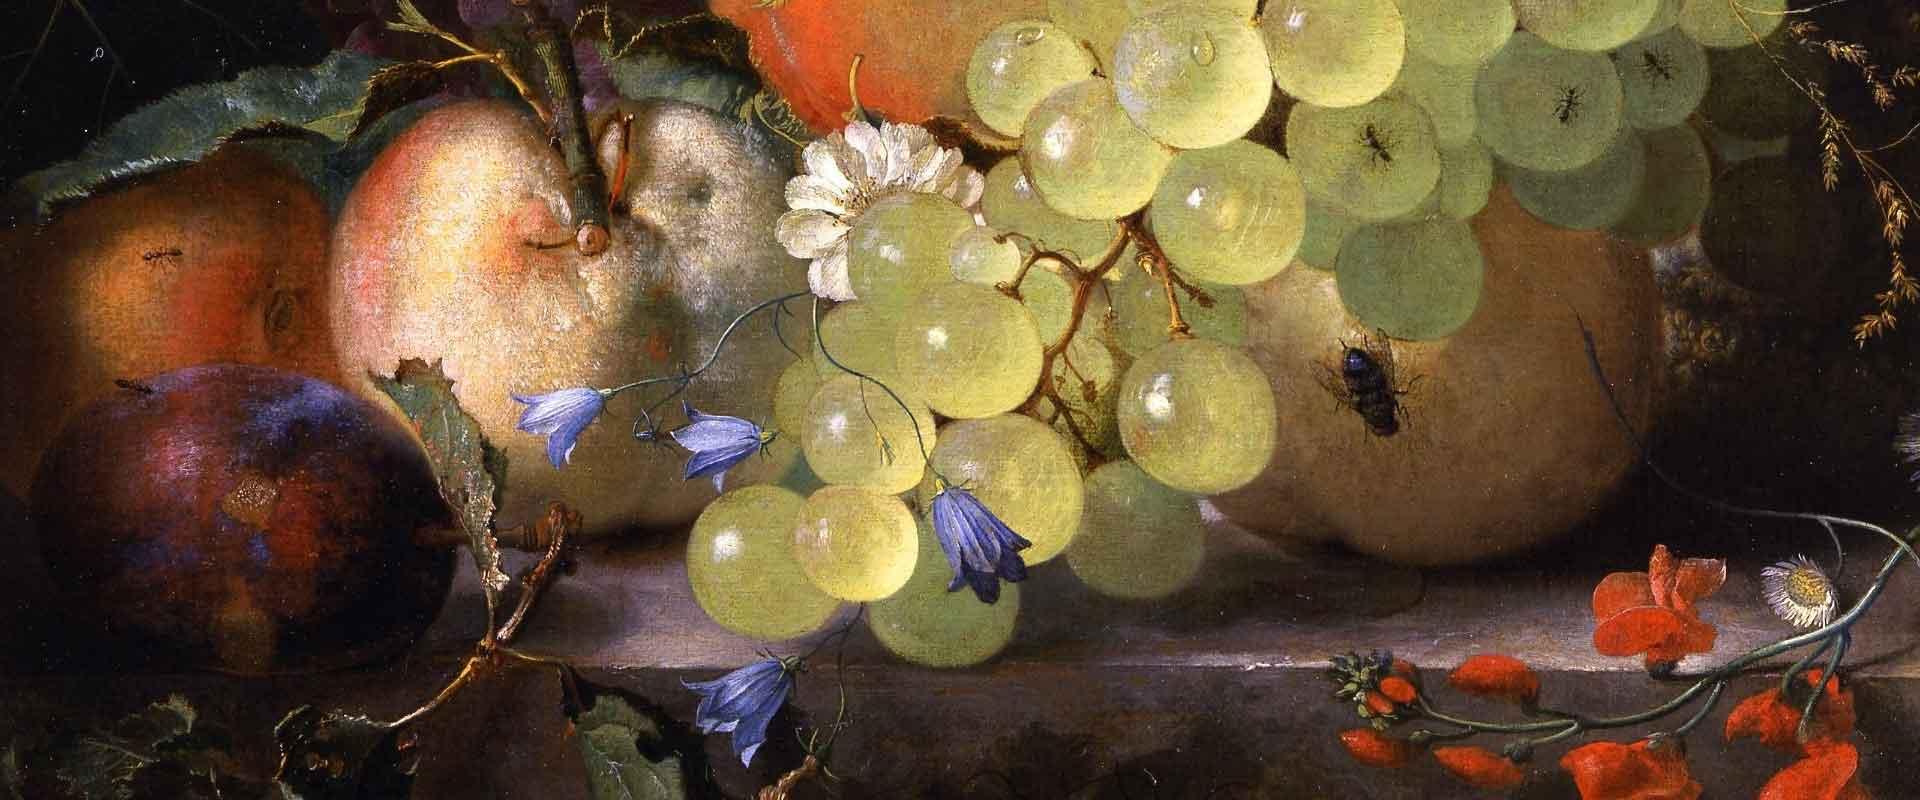 Копия картины фрукты